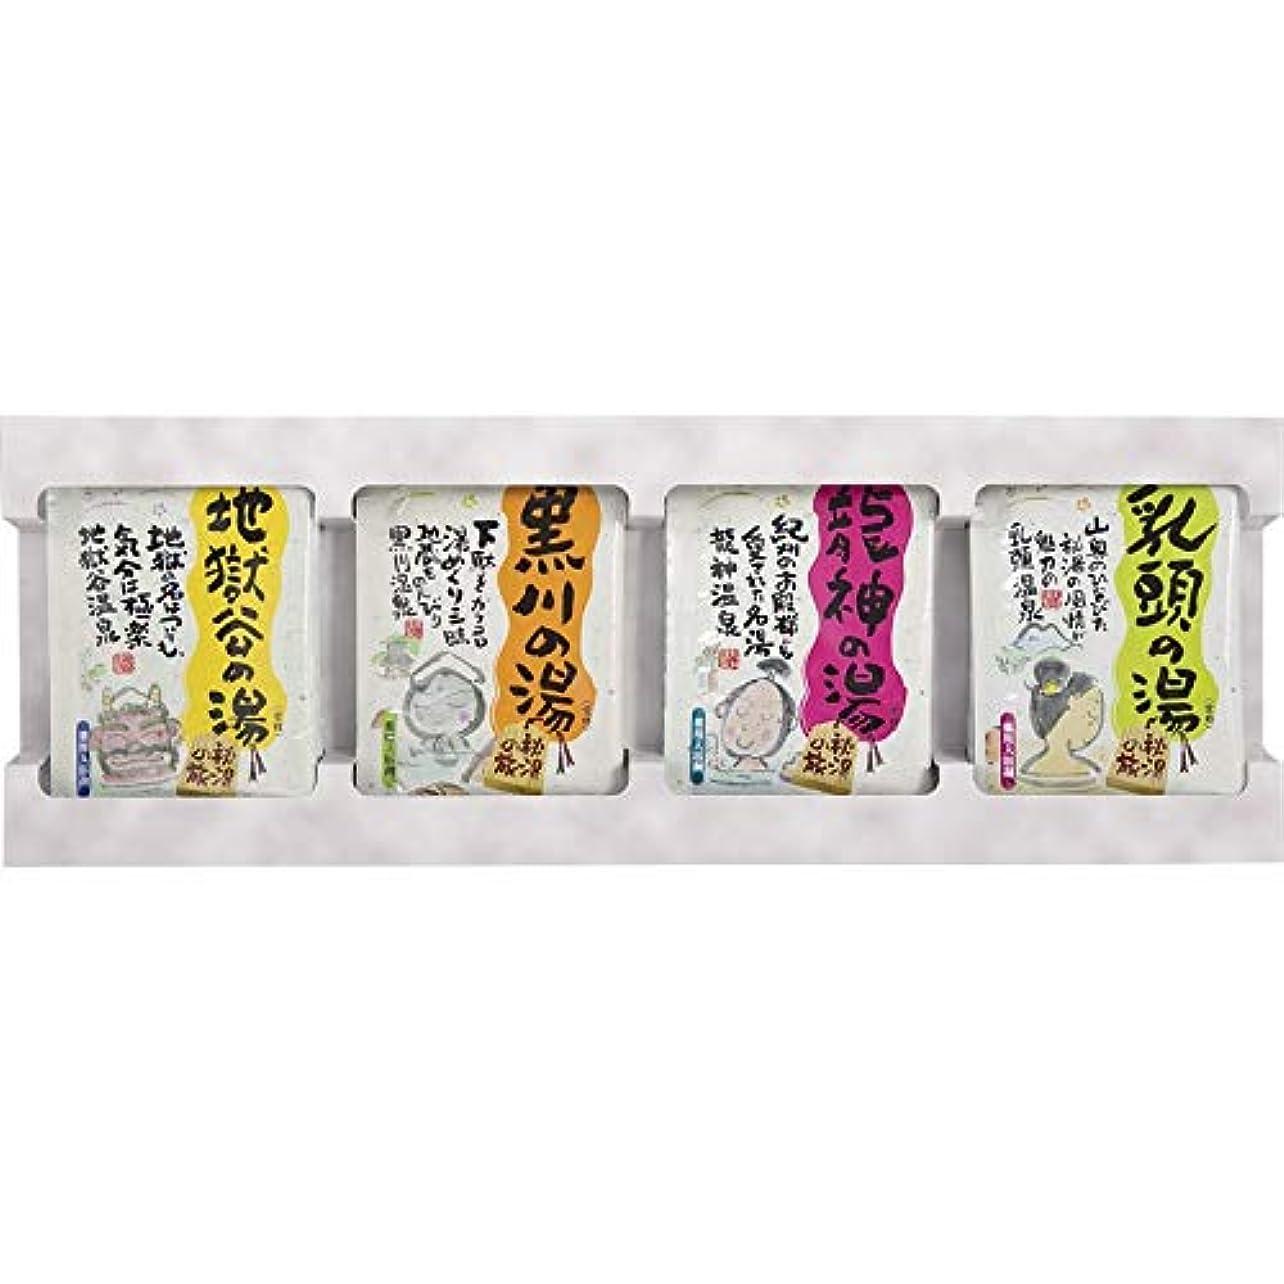 目的軽食他の日薬用入浴剤秘湯の旅10P PH-10P 【やくようにゅうよくざい ひとうのたび 日本製 国産 せっと セット 10包 】